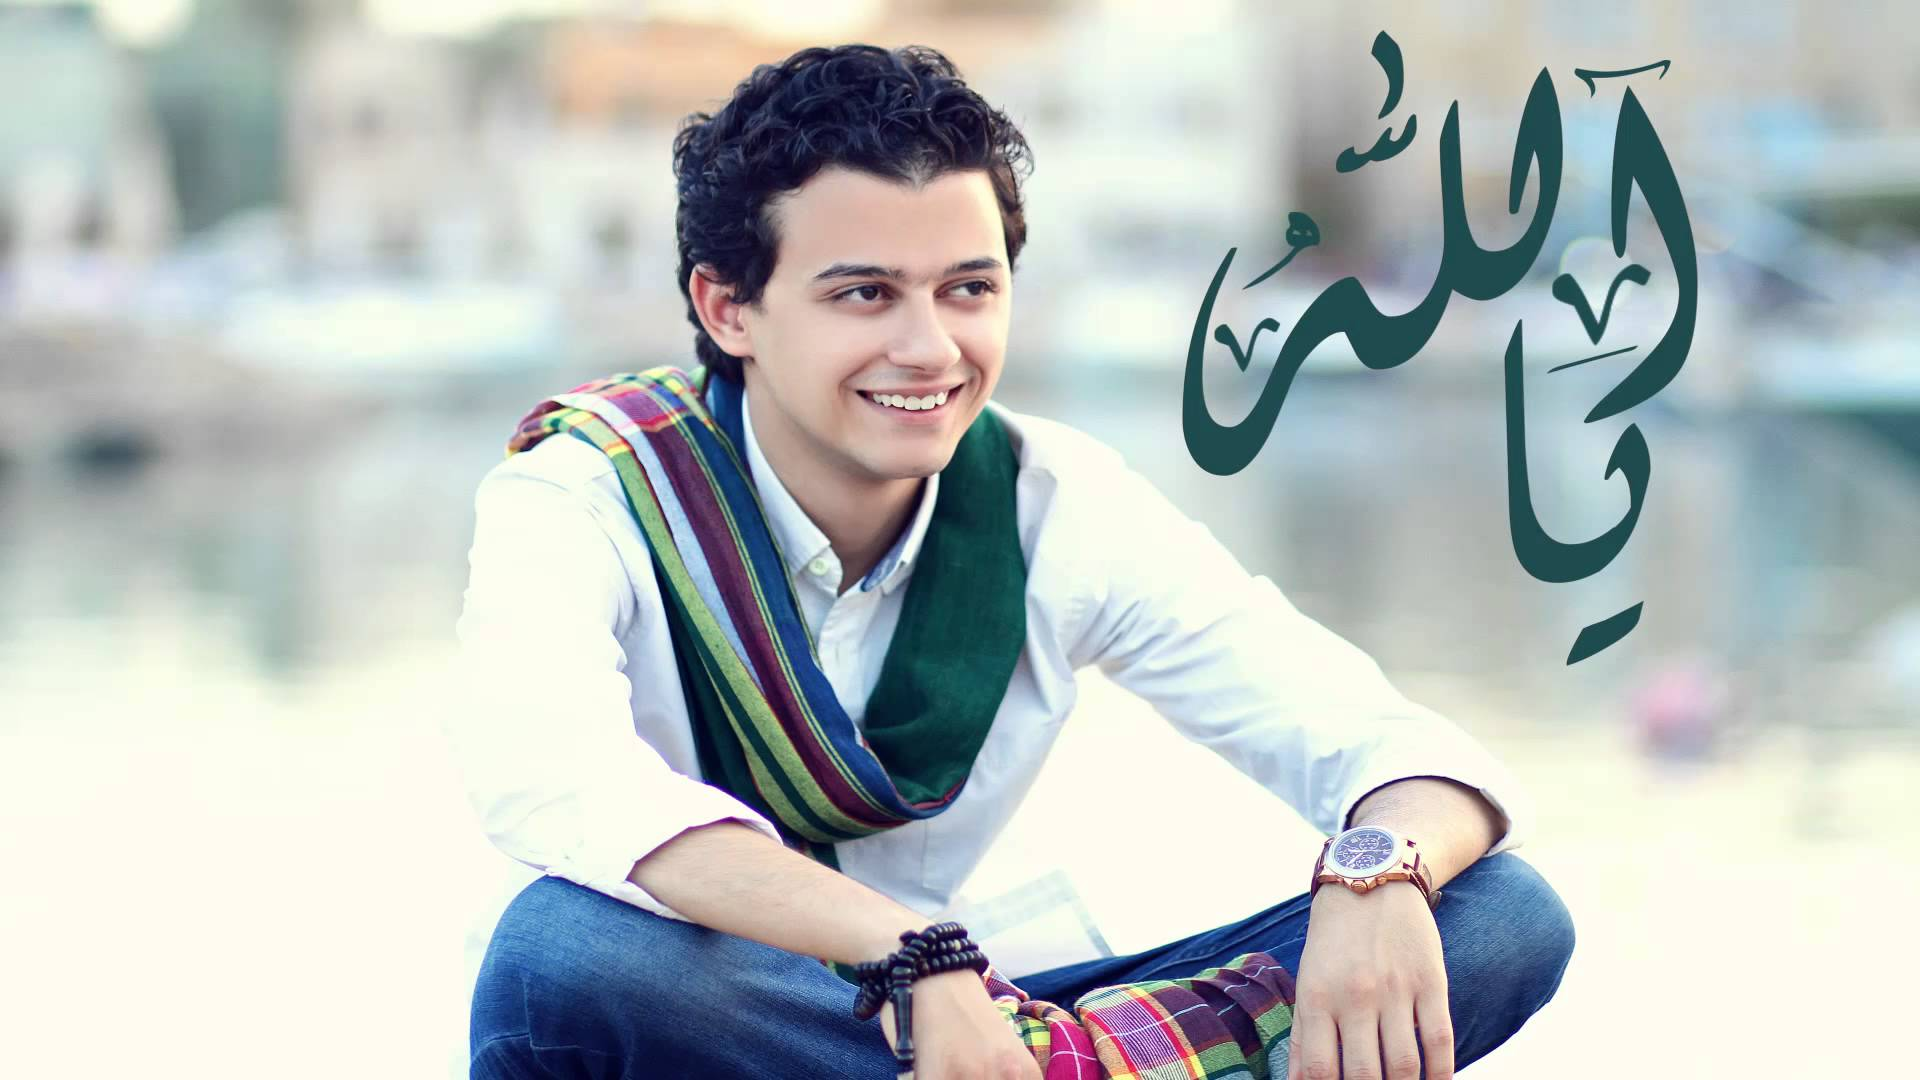 خروجتك عندنا.. مصطفى عاطف في ساقية الصاوي